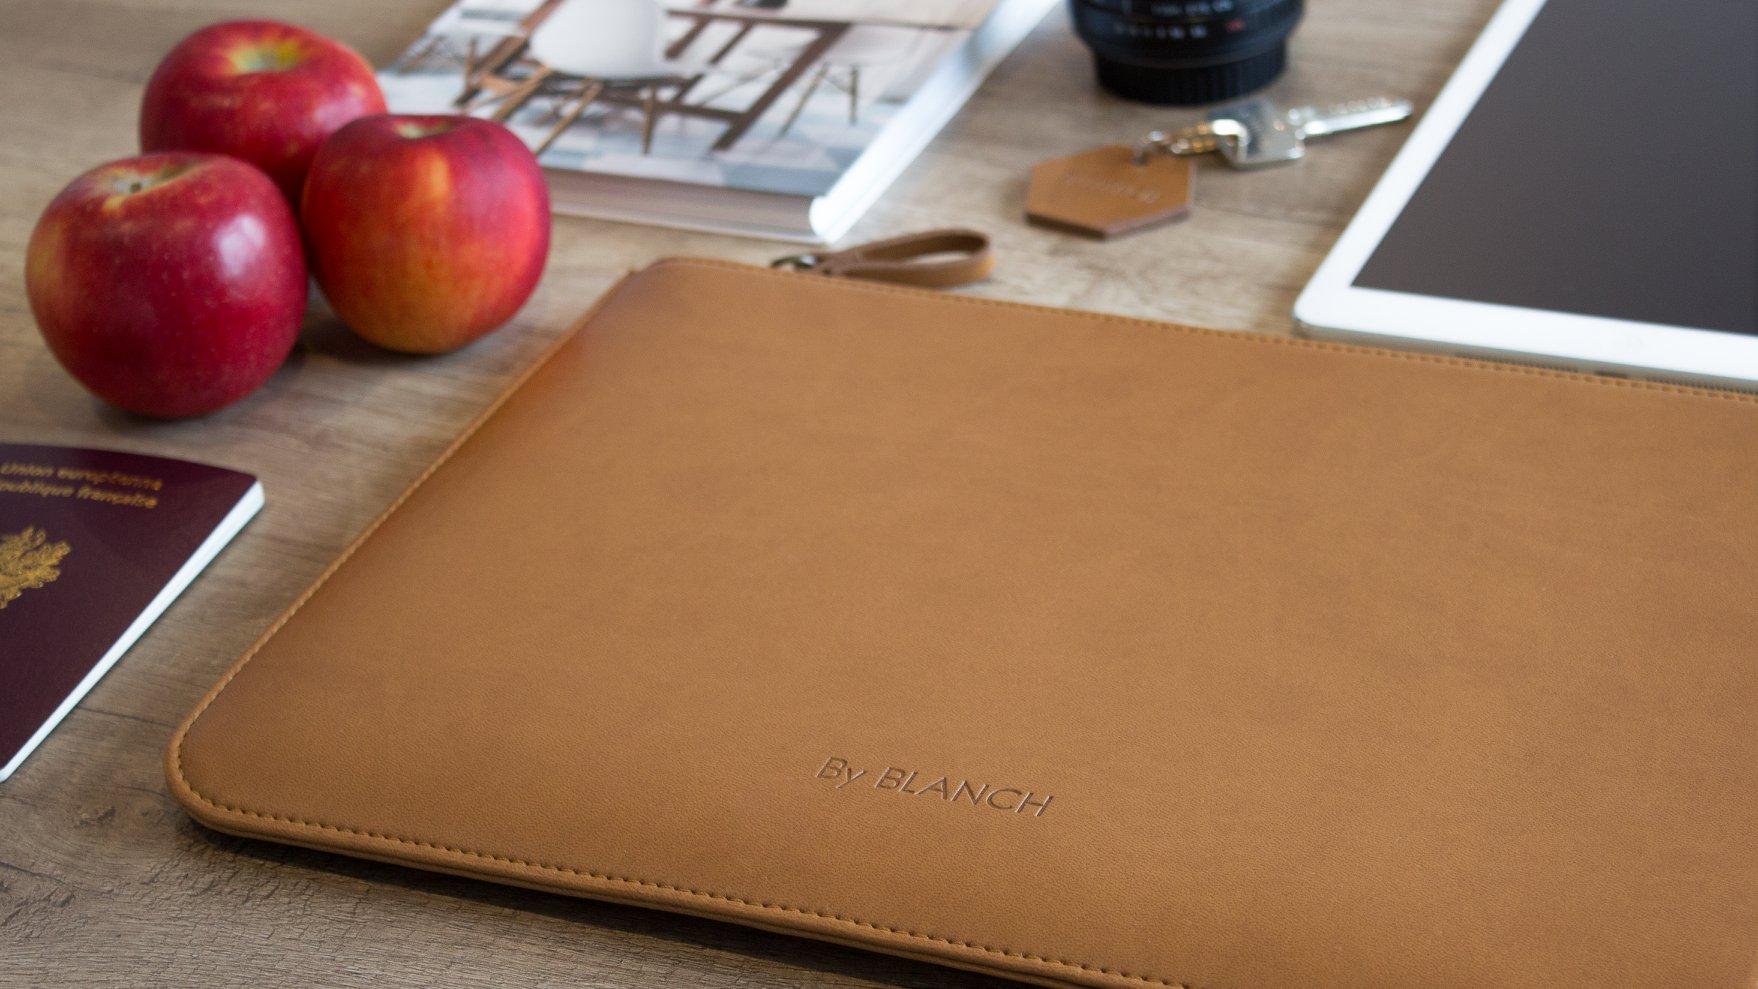 Das ist kein Leder, sondern eine Laptop-Tasche aus Äpfeln. (Foto: By Blanch)